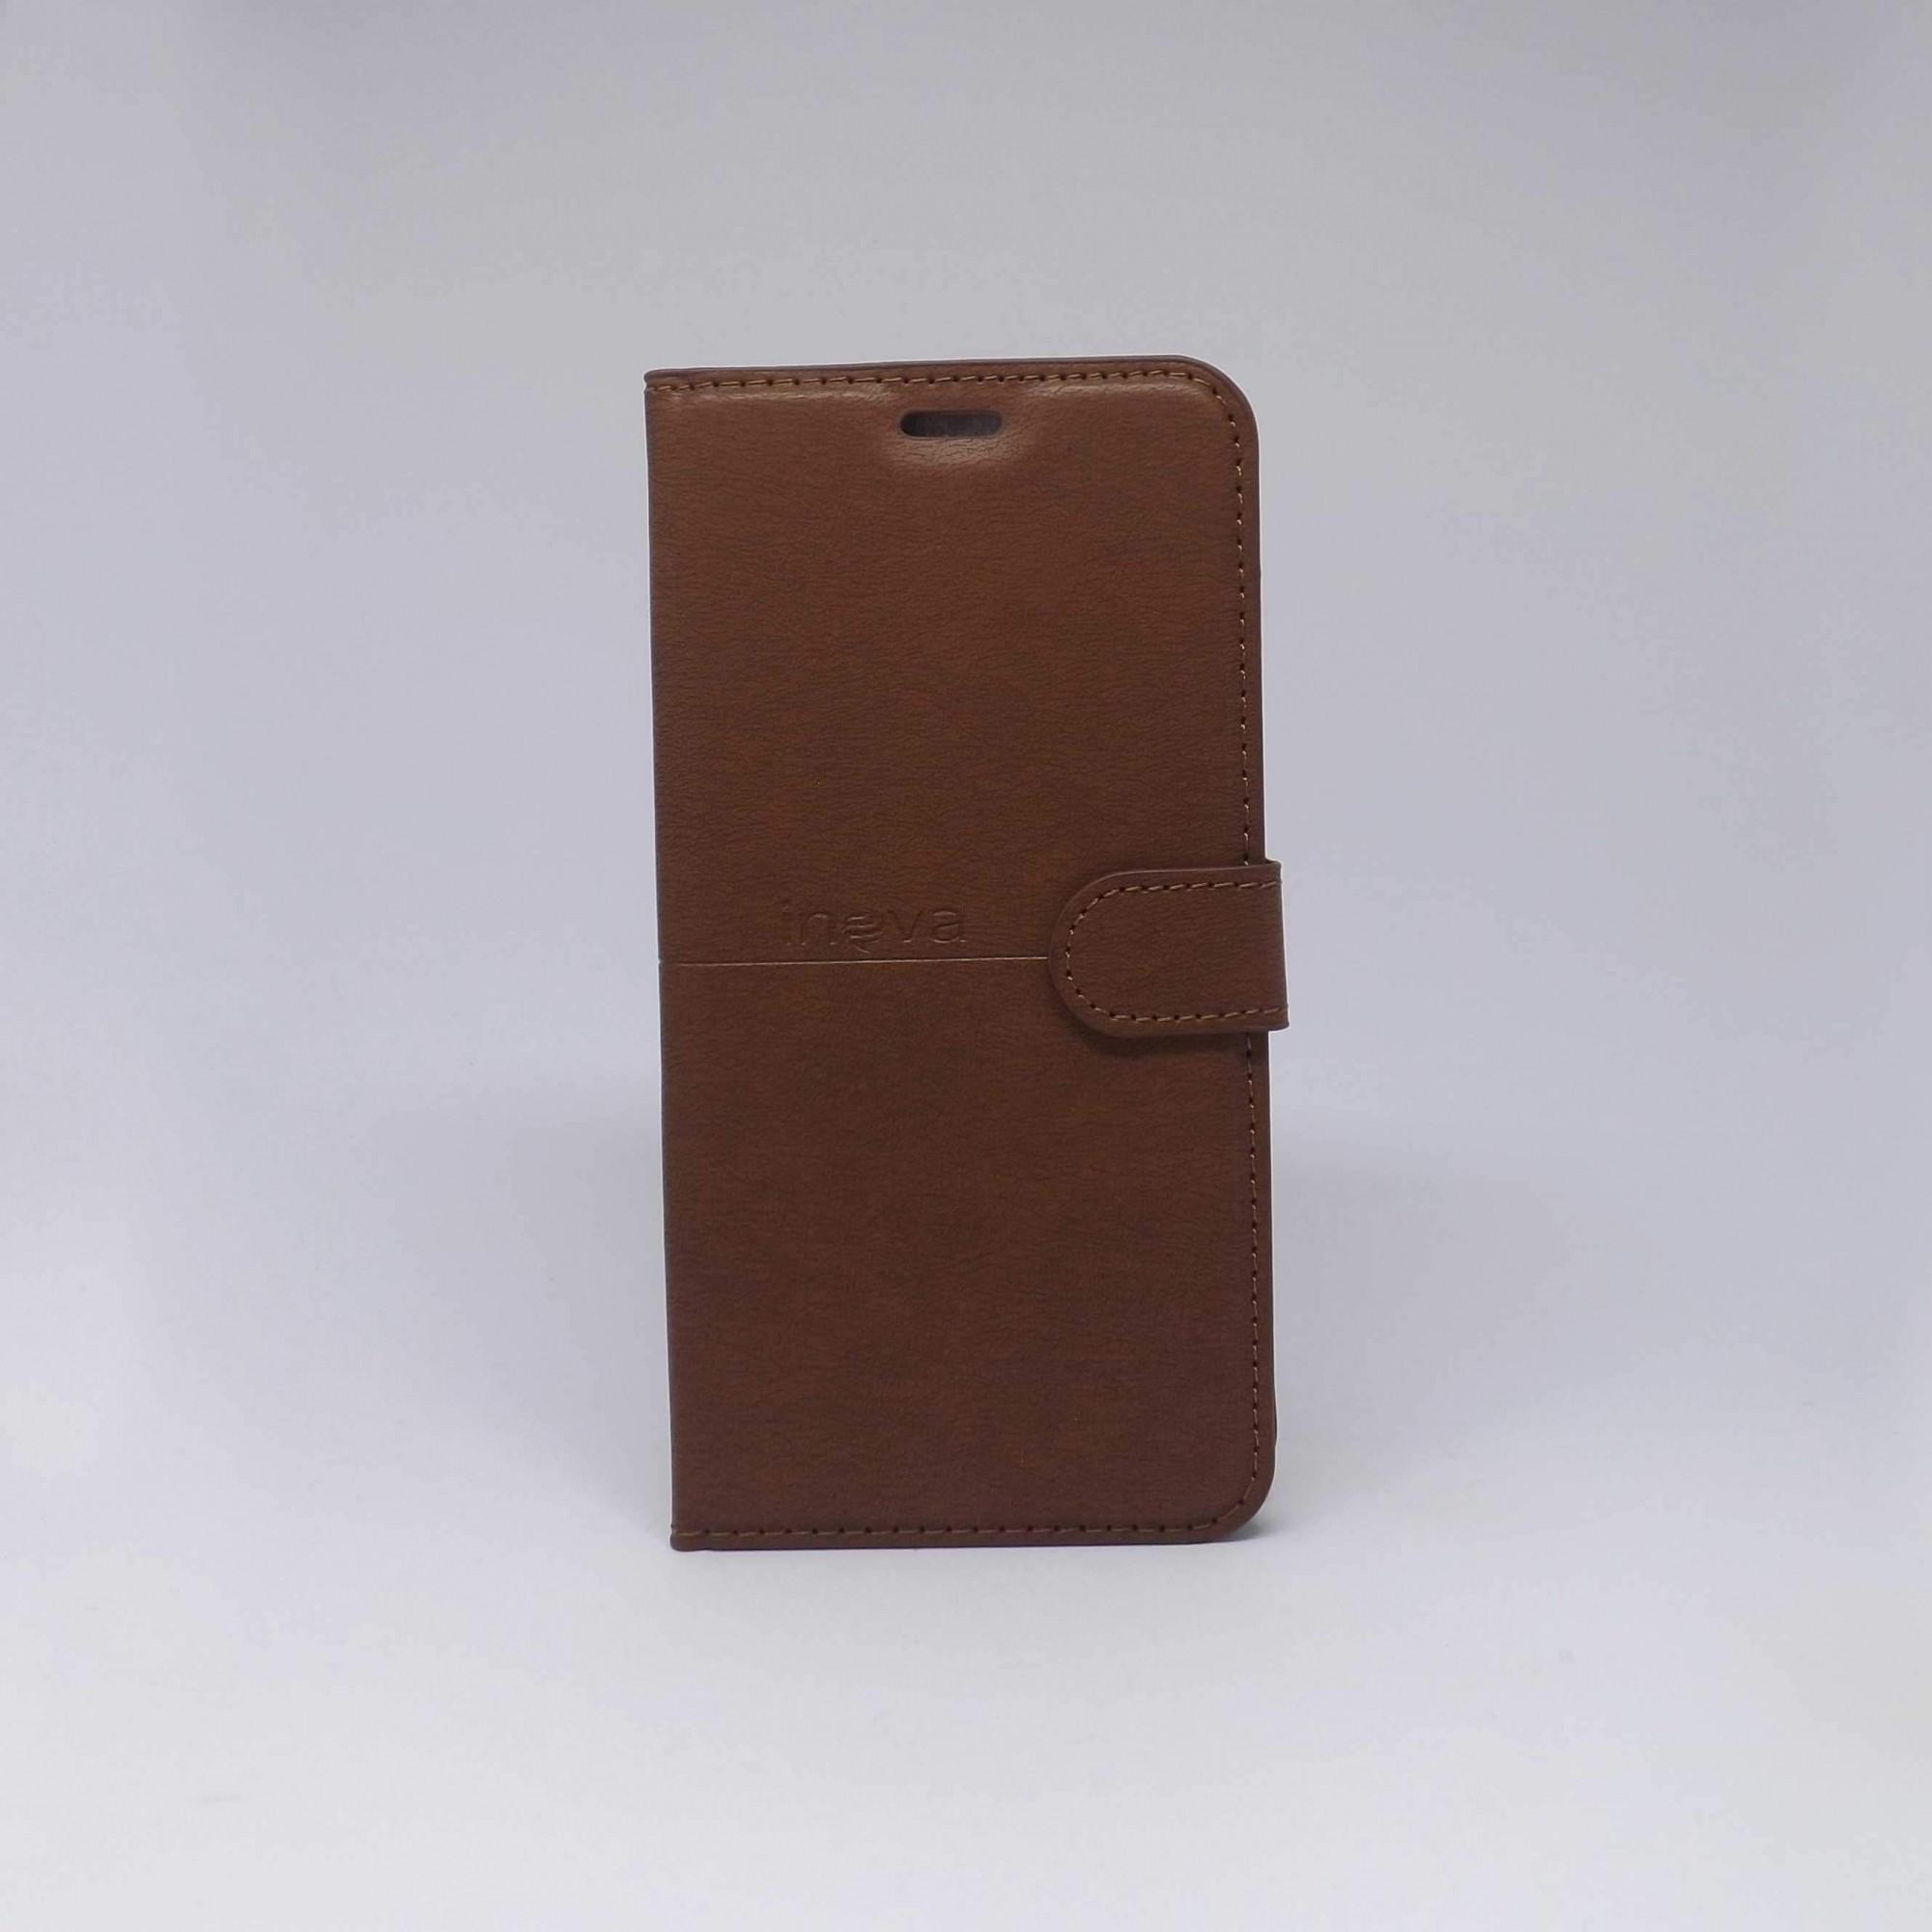 Capa Motorola G8 carteira